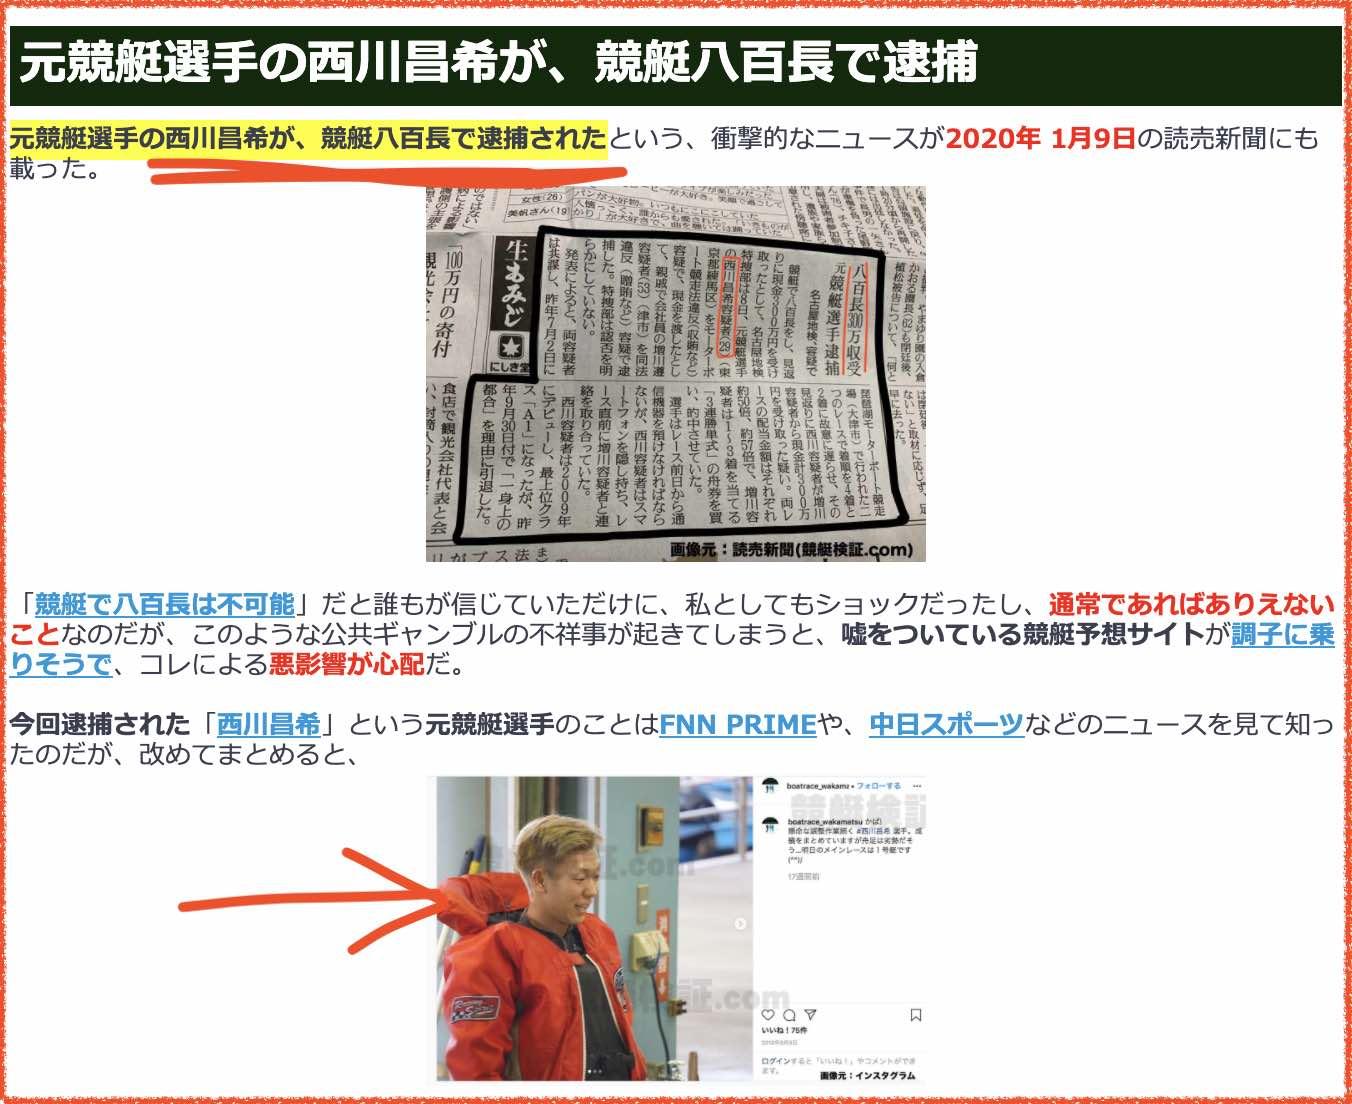 元競艇選手の西川昌希が、競艇八百長で逮捕